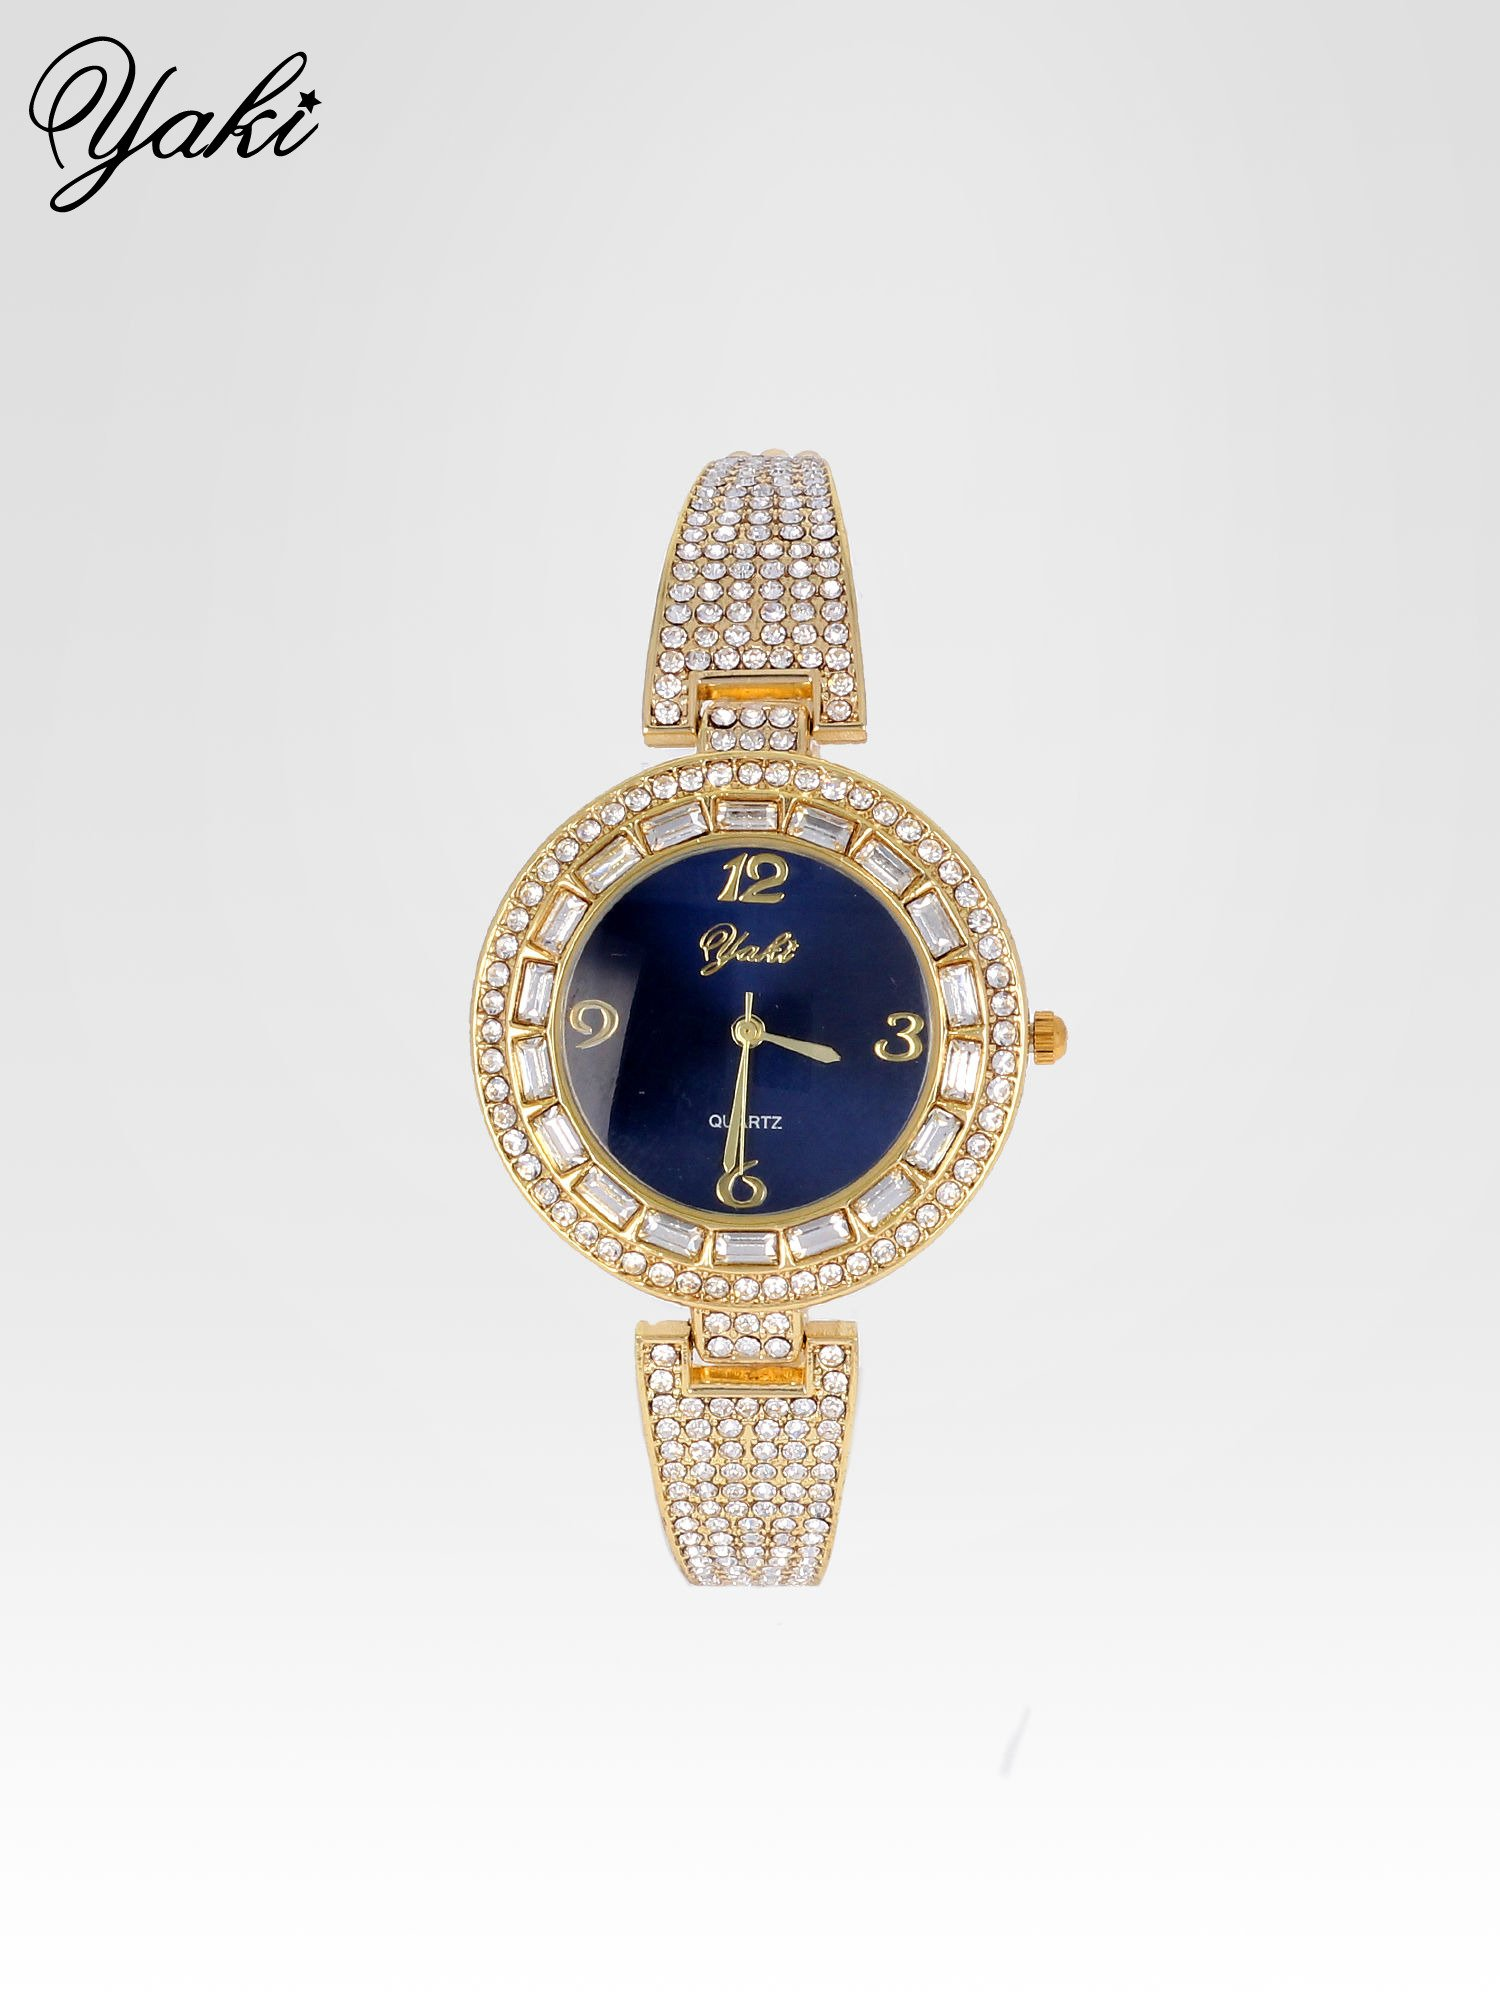 Złoty zegarek biżuteryjny z granatową tarczą i cyrkoniami                                  zdj.                                  1